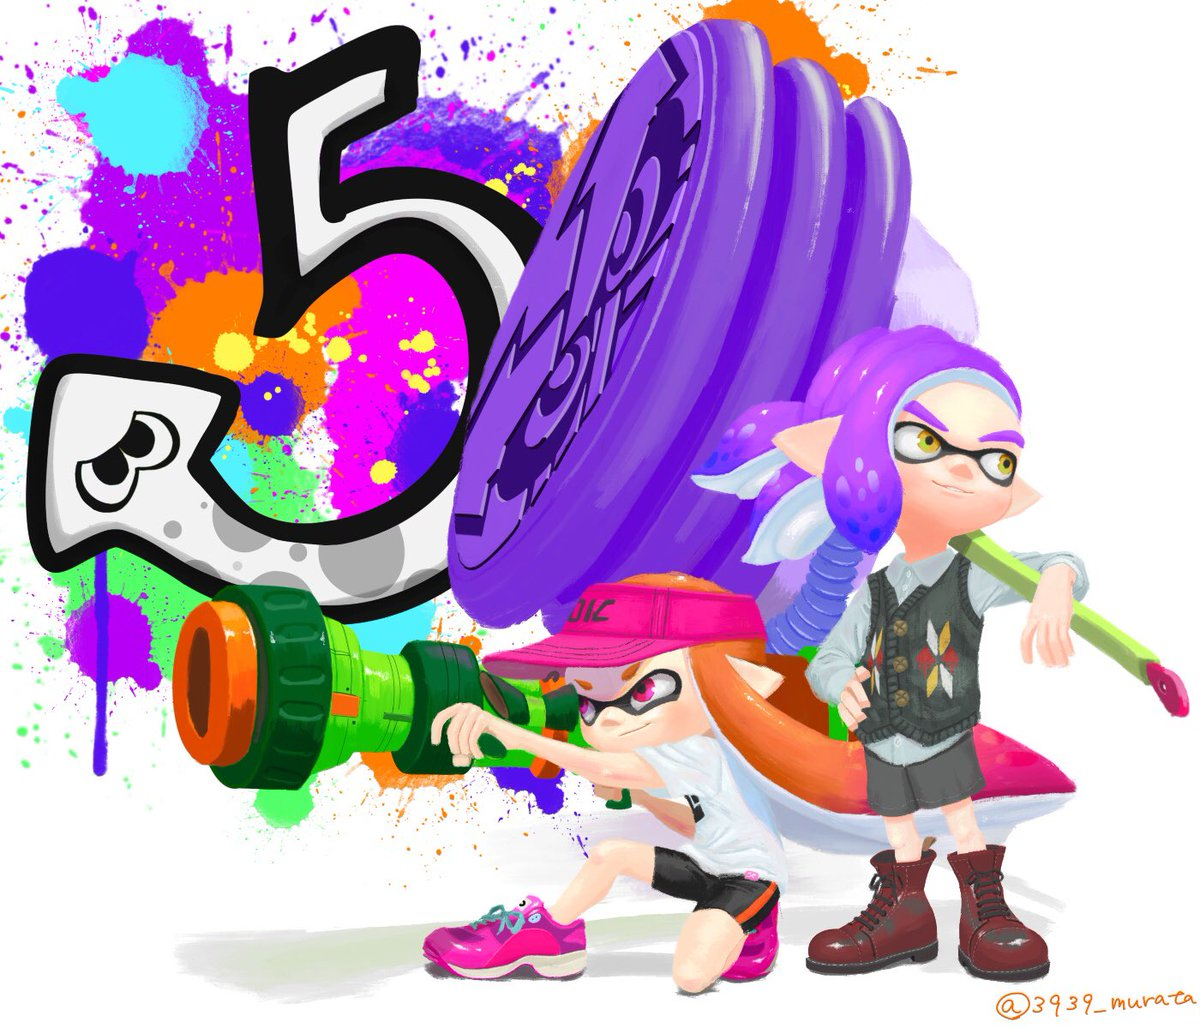 スプラトゥーン5周年!これからも永く続くゲームでありますように!  #スプラトゥーン5周年